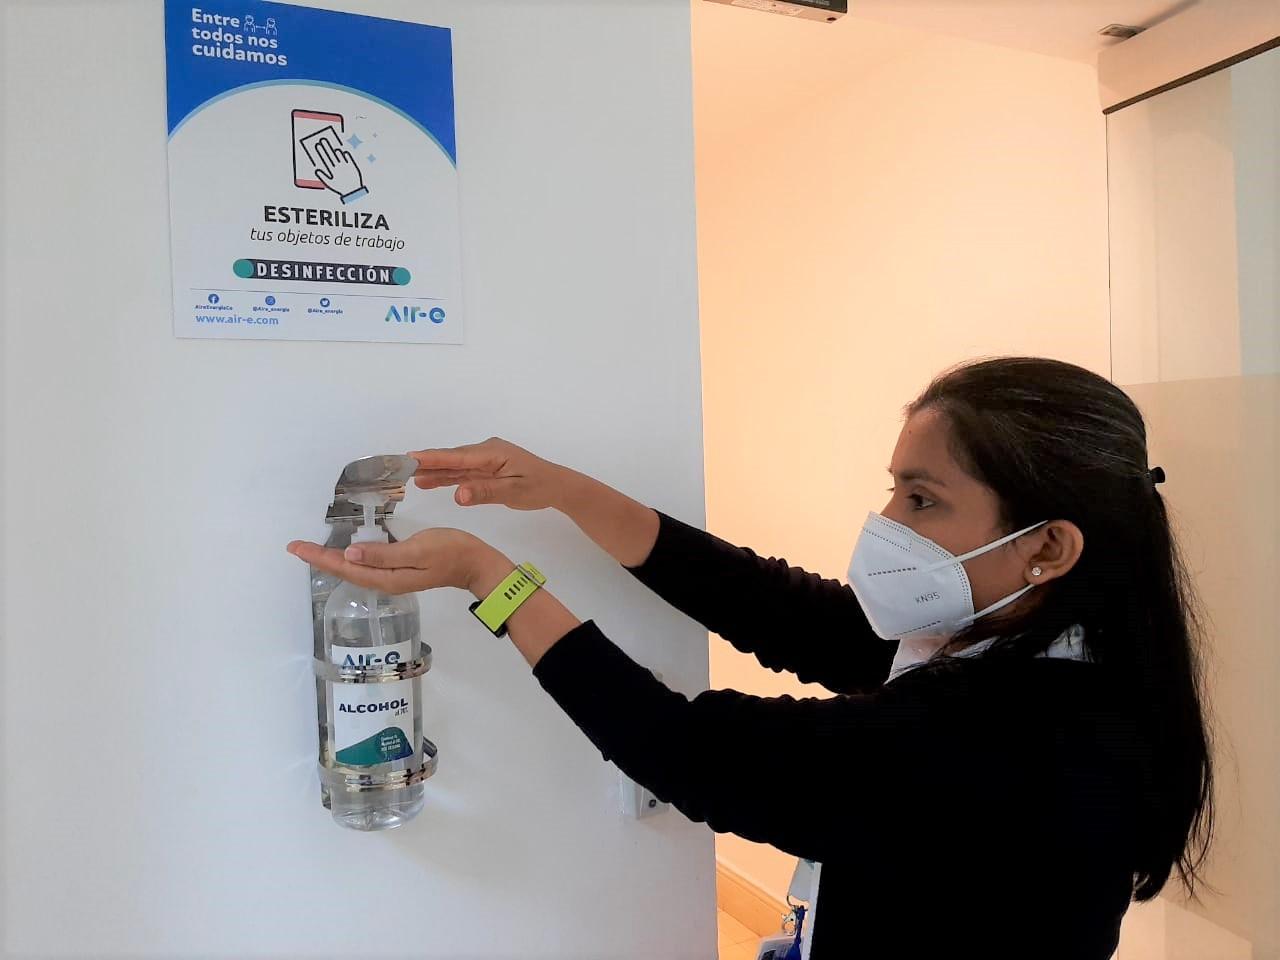 Air-e incrementa medidas de bioseguridad en personal operativo y administrativo – @Aire_Energia